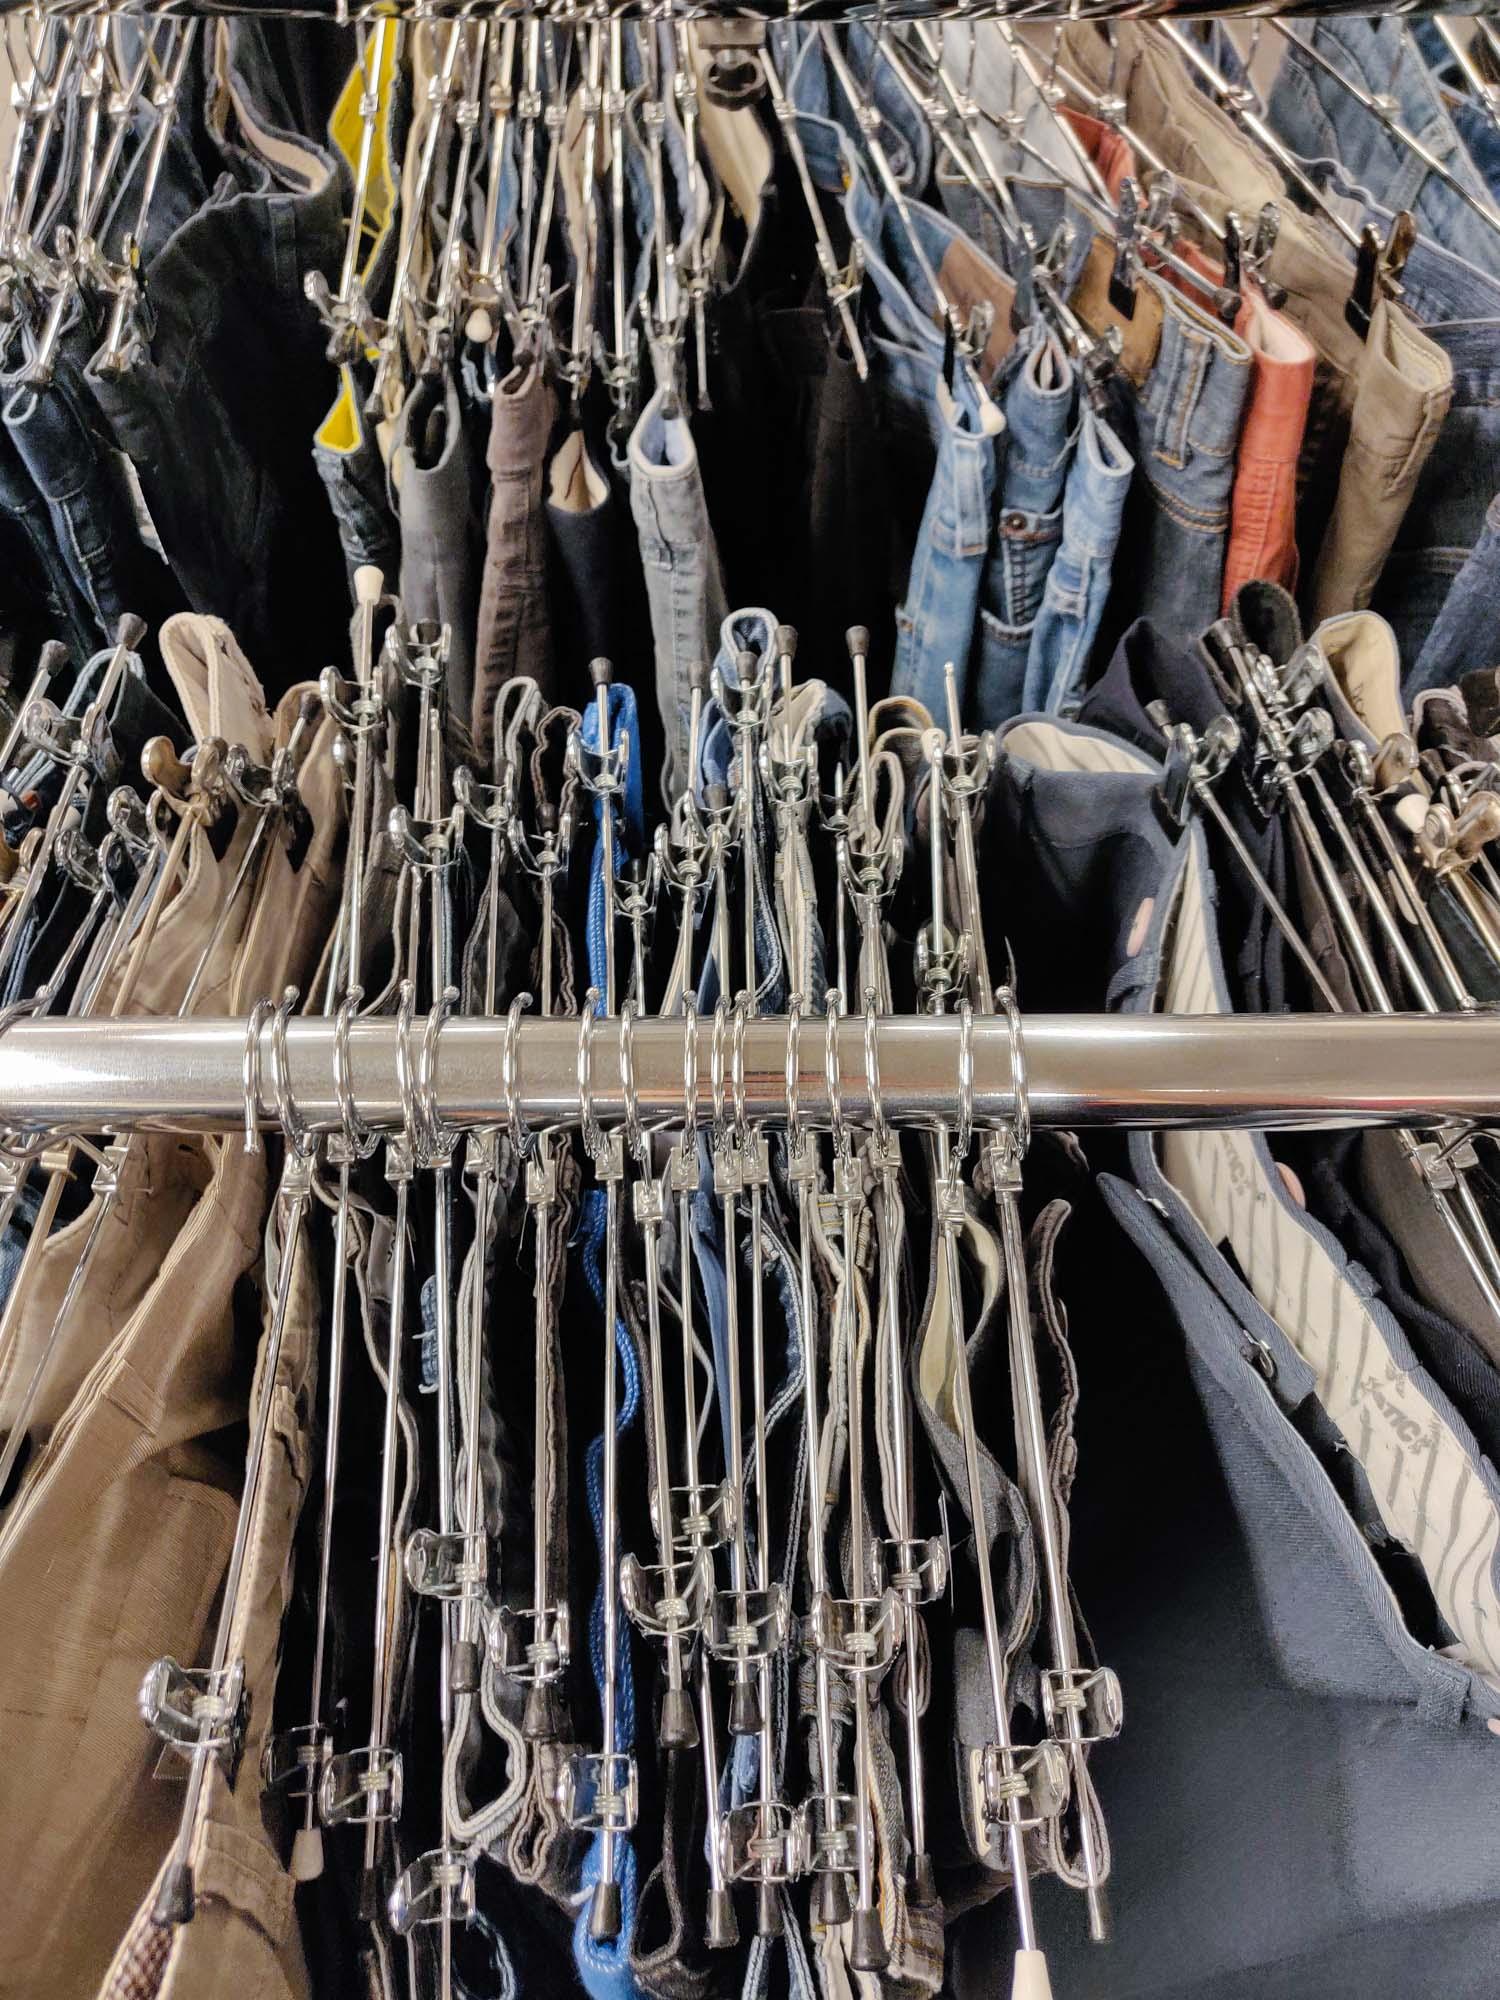 Genbrugstøj på stativ i fysisk butik - ikke online